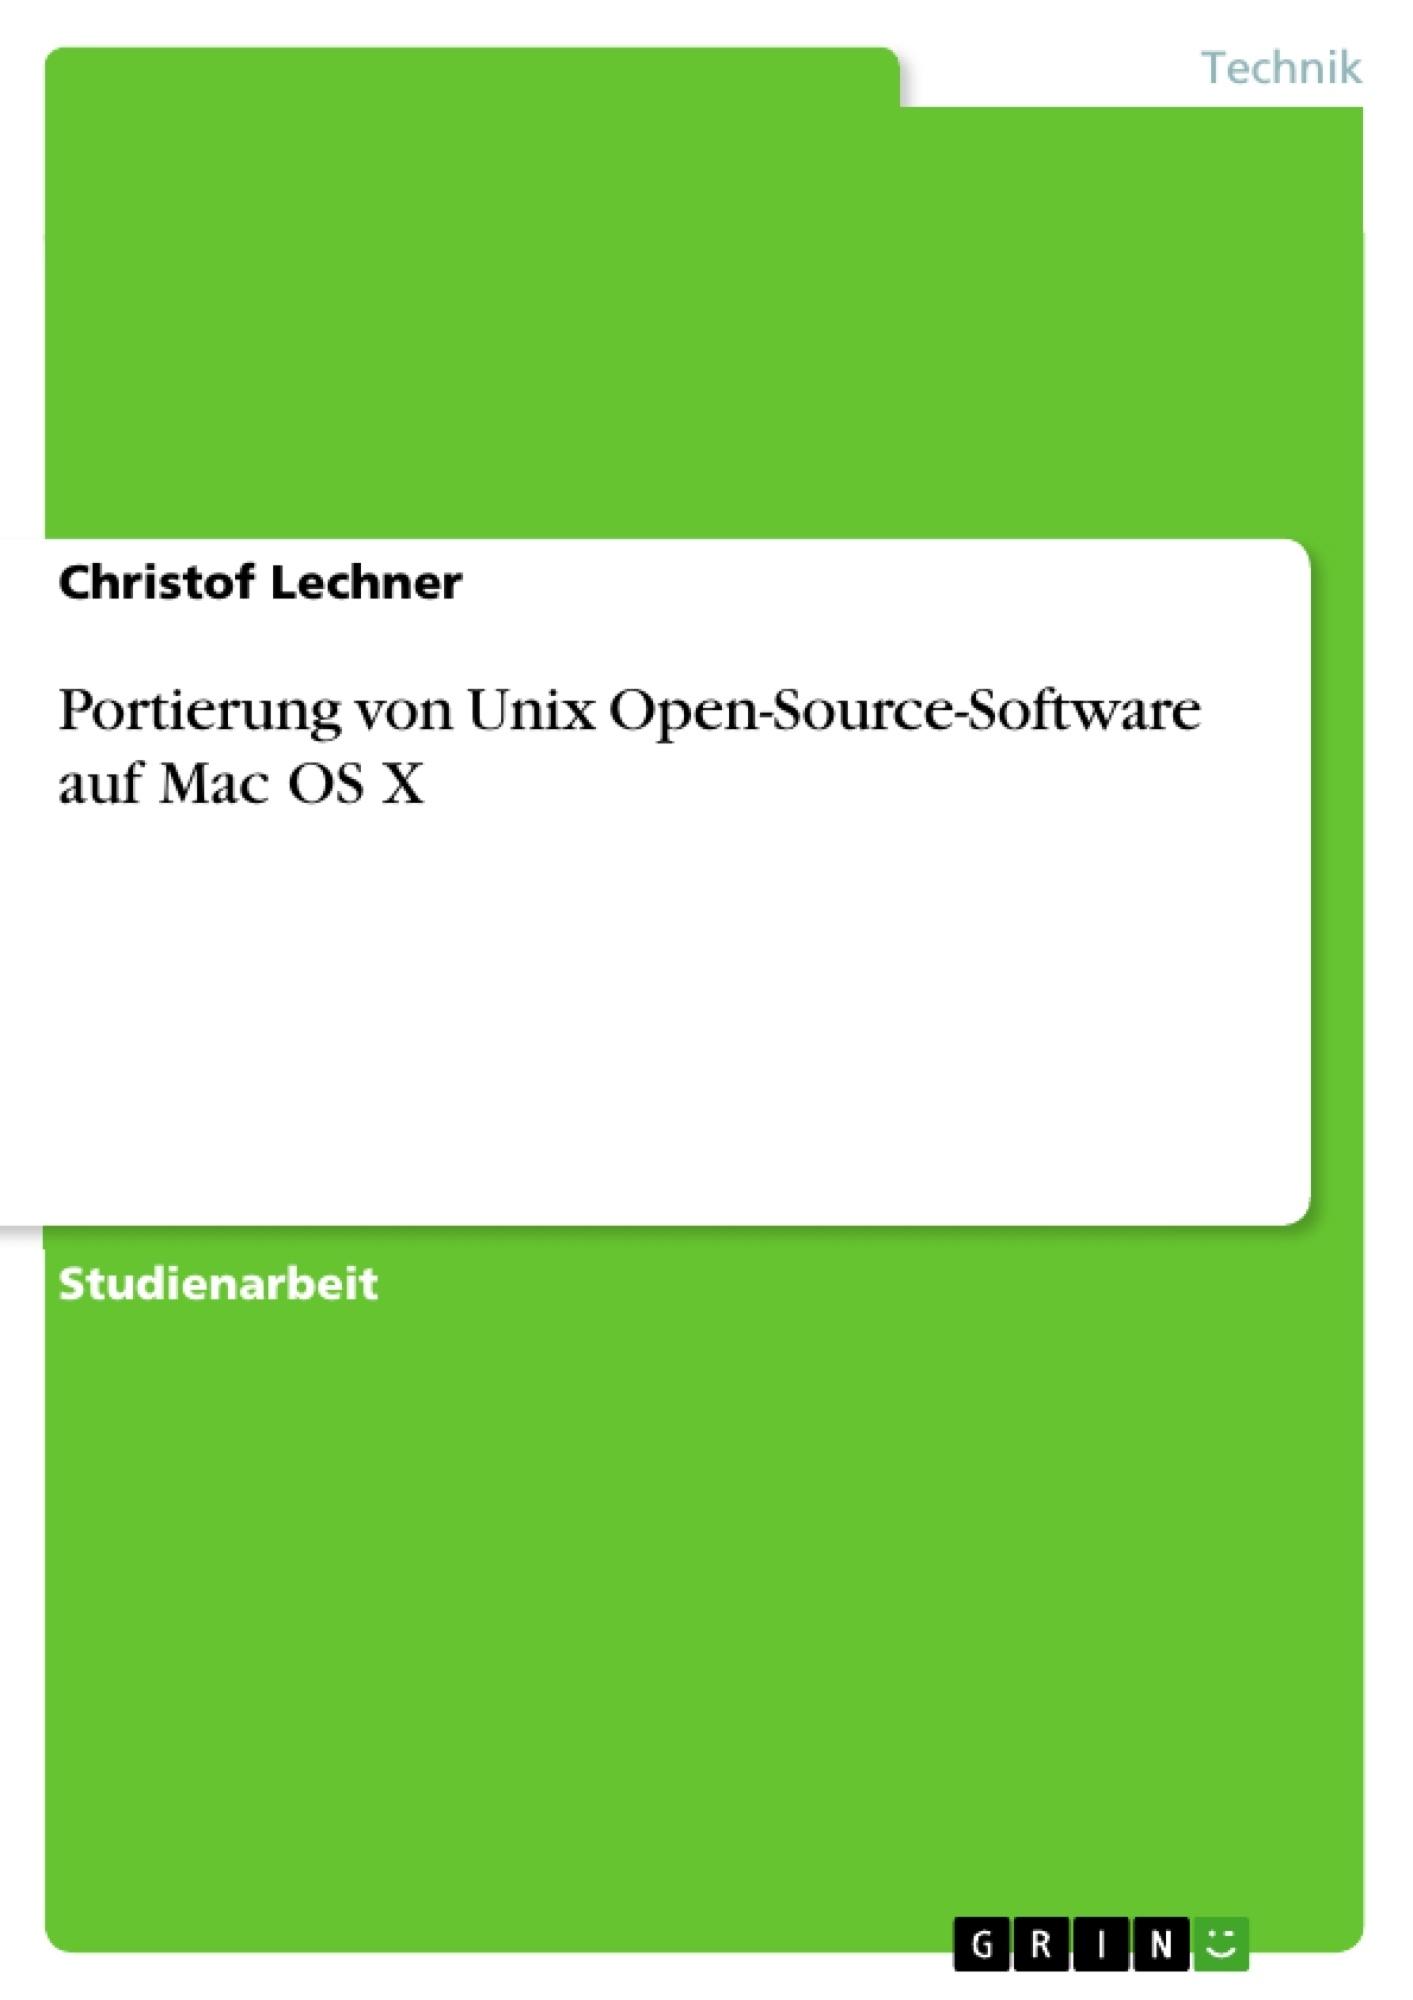 Titel: Portierung von Unix Open-Source-Software auf Mac OS X